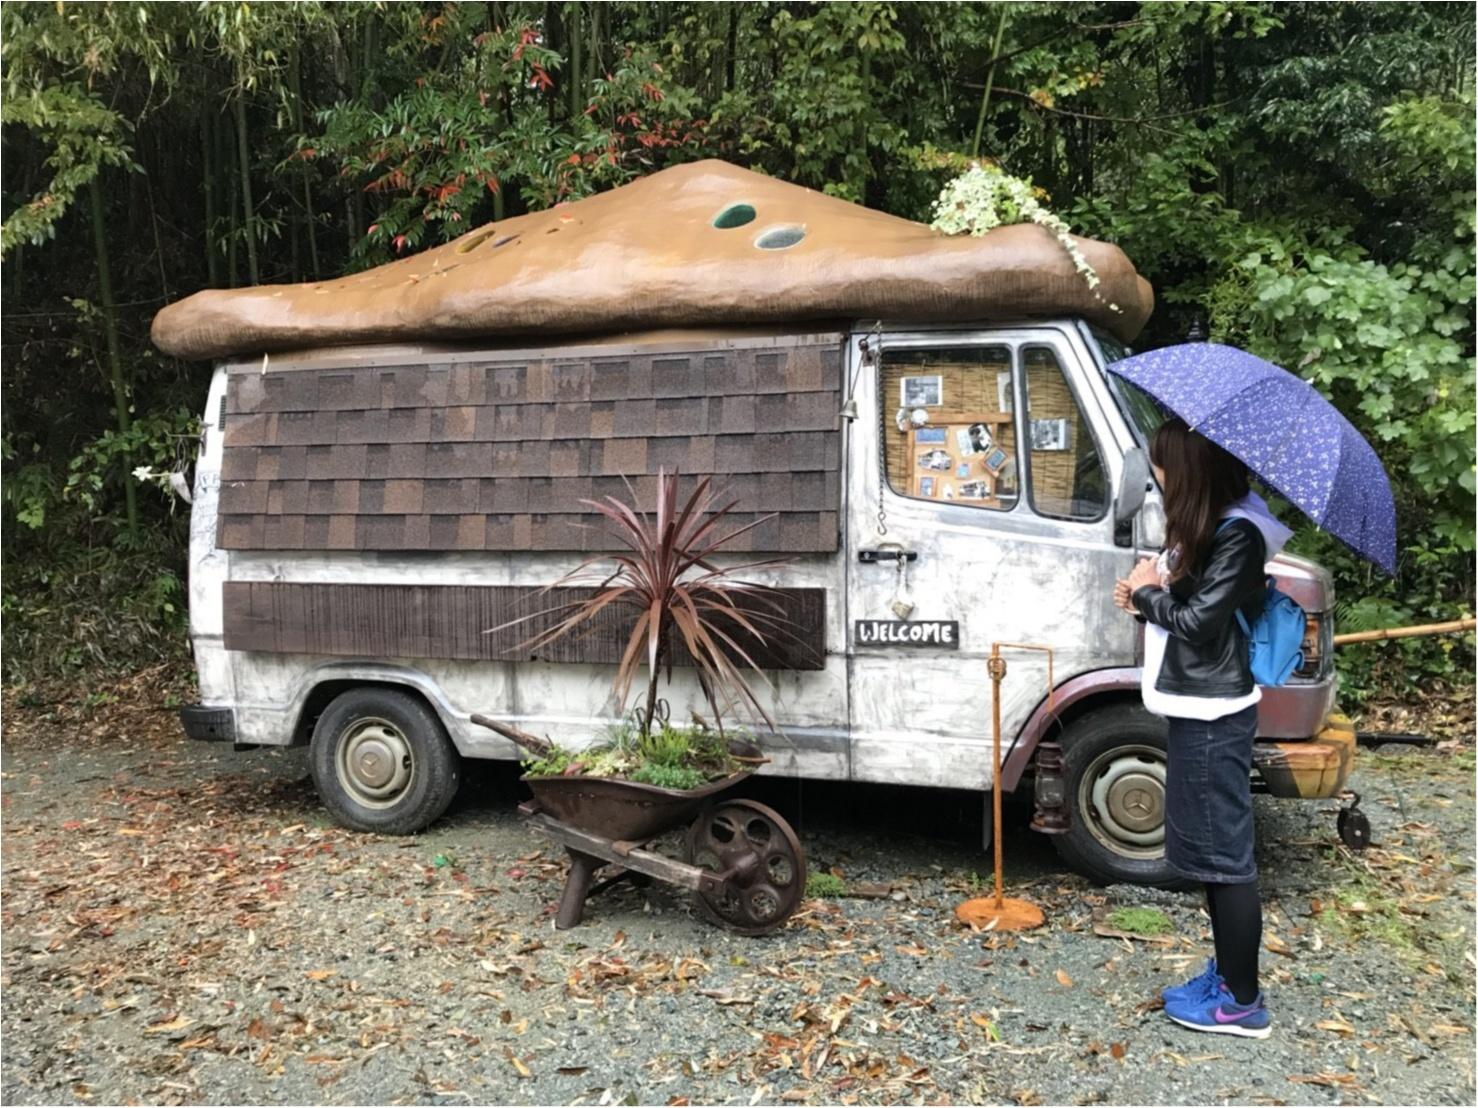 【カフェ巡り】まるでジブリの世界♡フォトジェニックな可愛いスポット『ぬくもりの森』 ~浜松おしゃれカフェ巡り①~_7